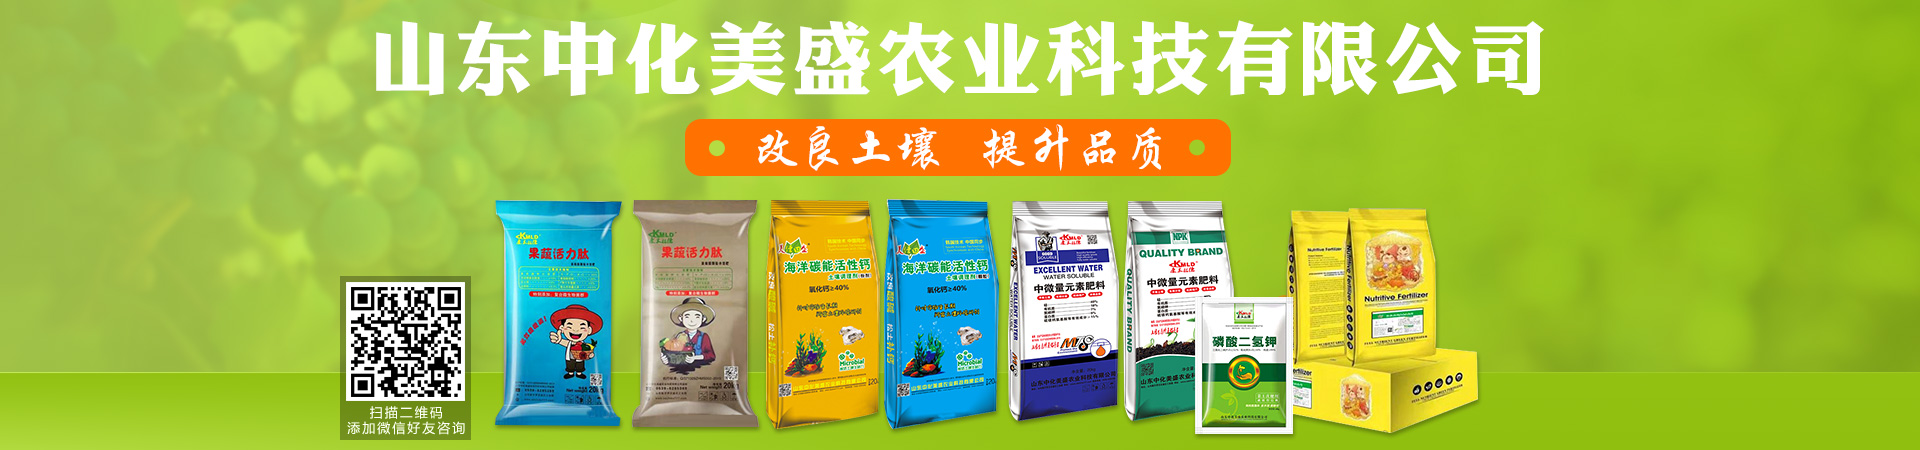 山东中化美盛农业科技有限公司